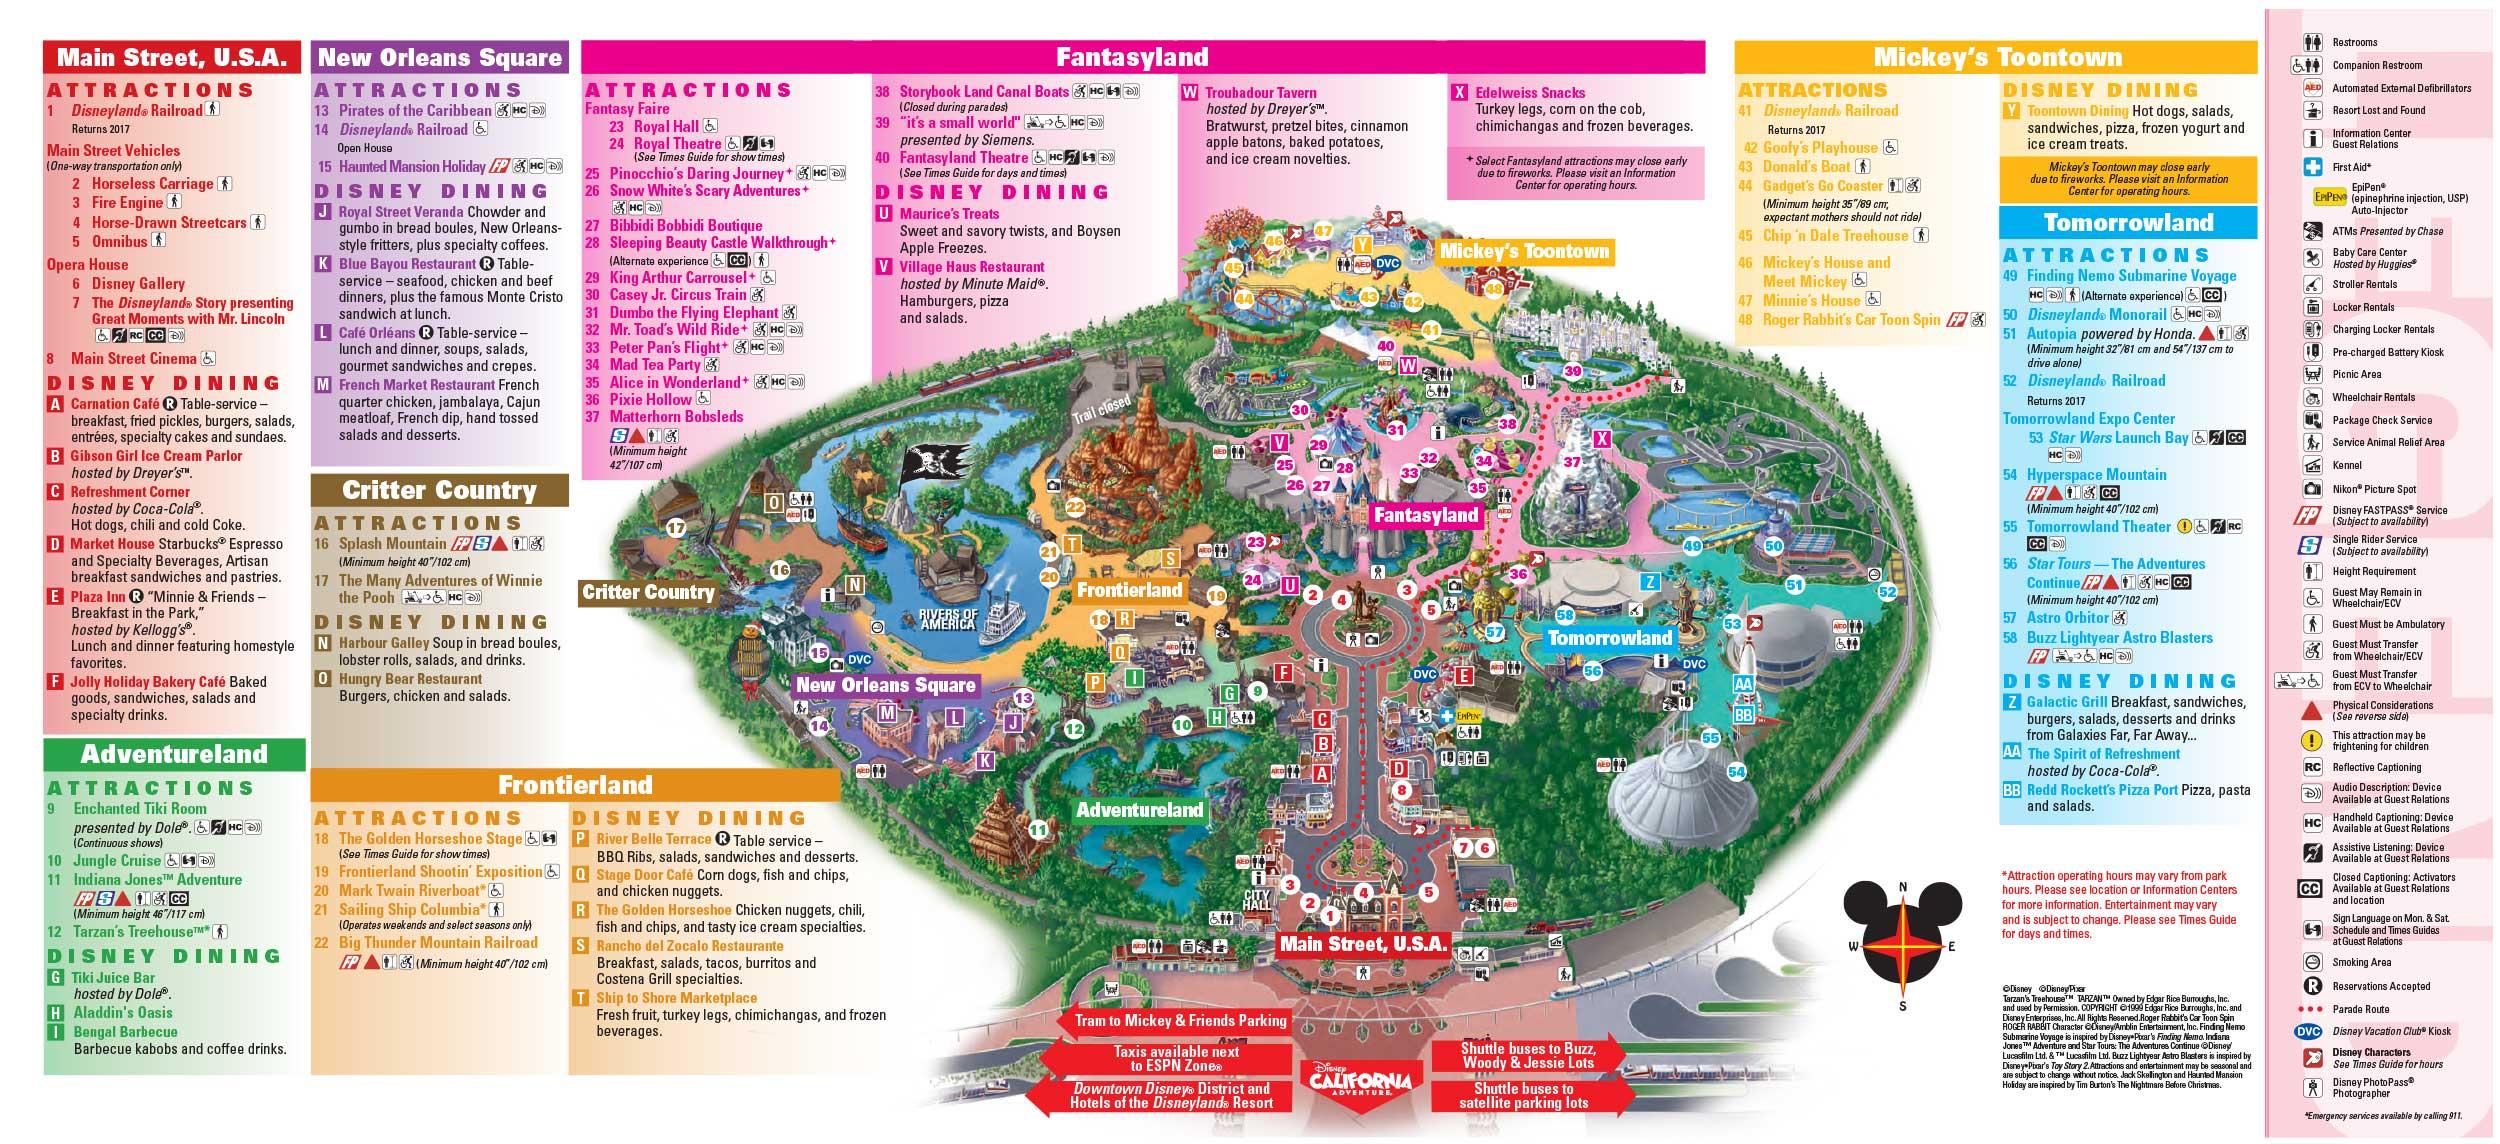 Disneyland Park Map In California, Map Of Disneyland - Printable Disney Maps